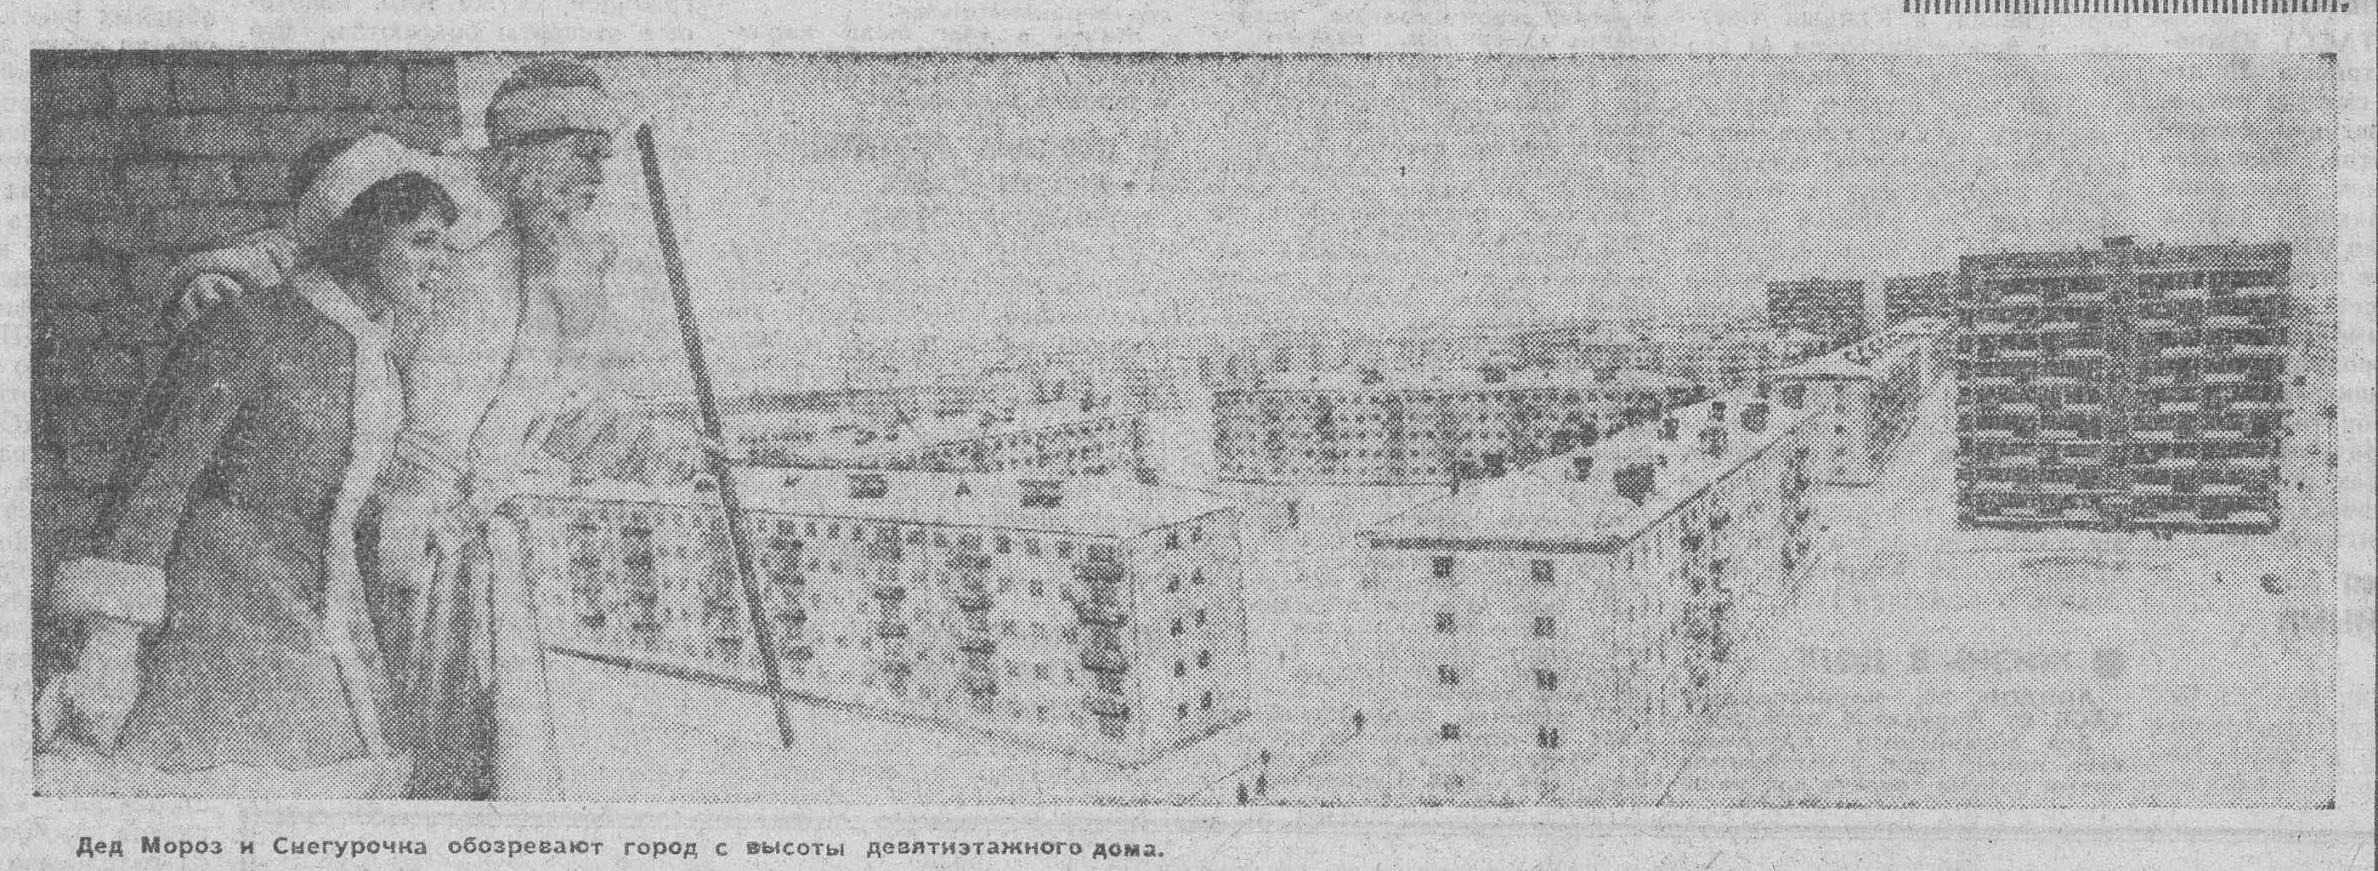 Мяги-ФОТО-19-ВКа-1967-12-31-фото с Гаг.-Мяги